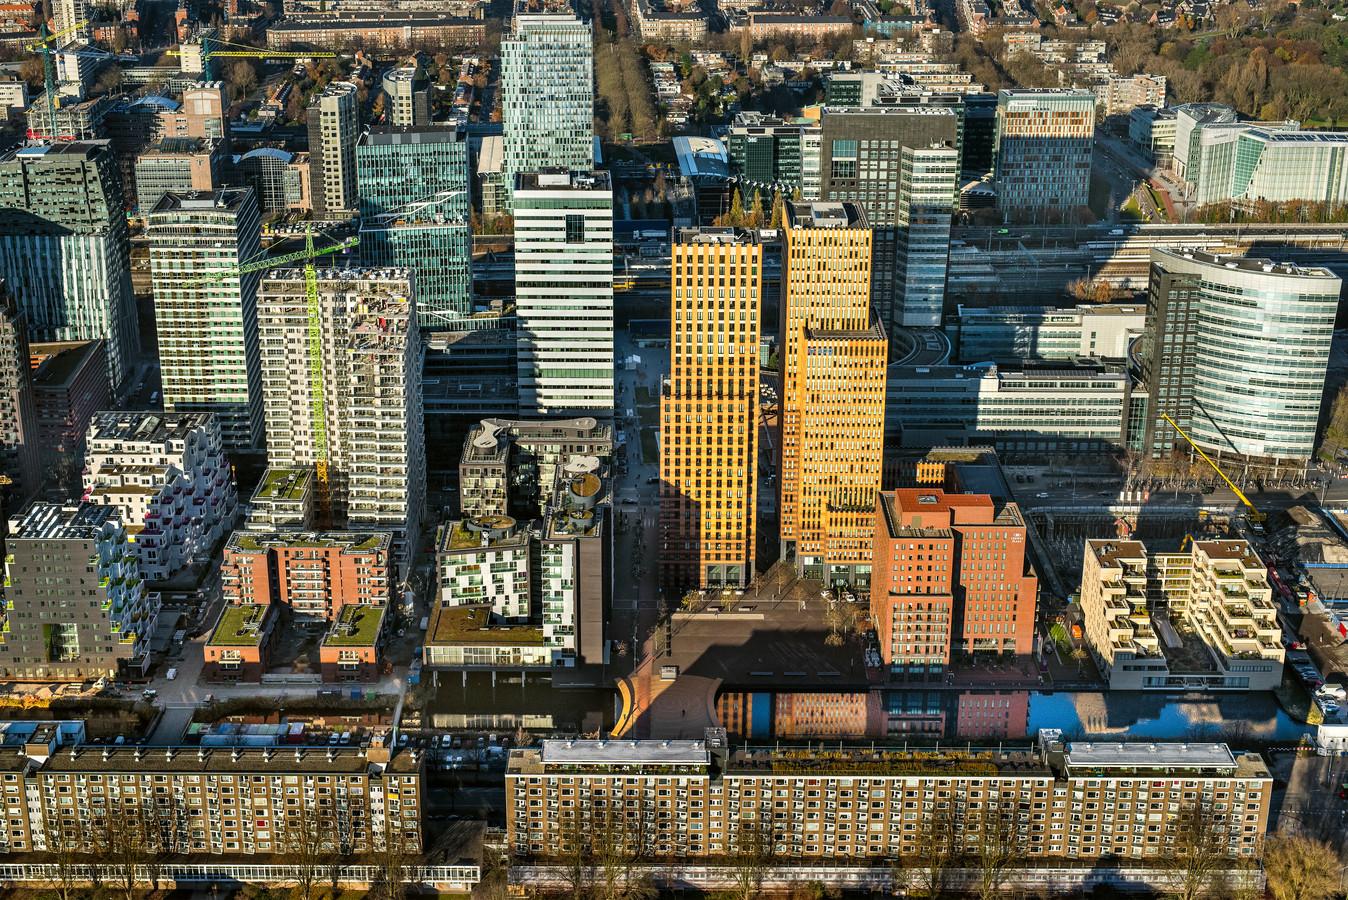 Luchtfoto met overzicht van kantoorpanden op de Zuidas in Amsterdam Zuid.